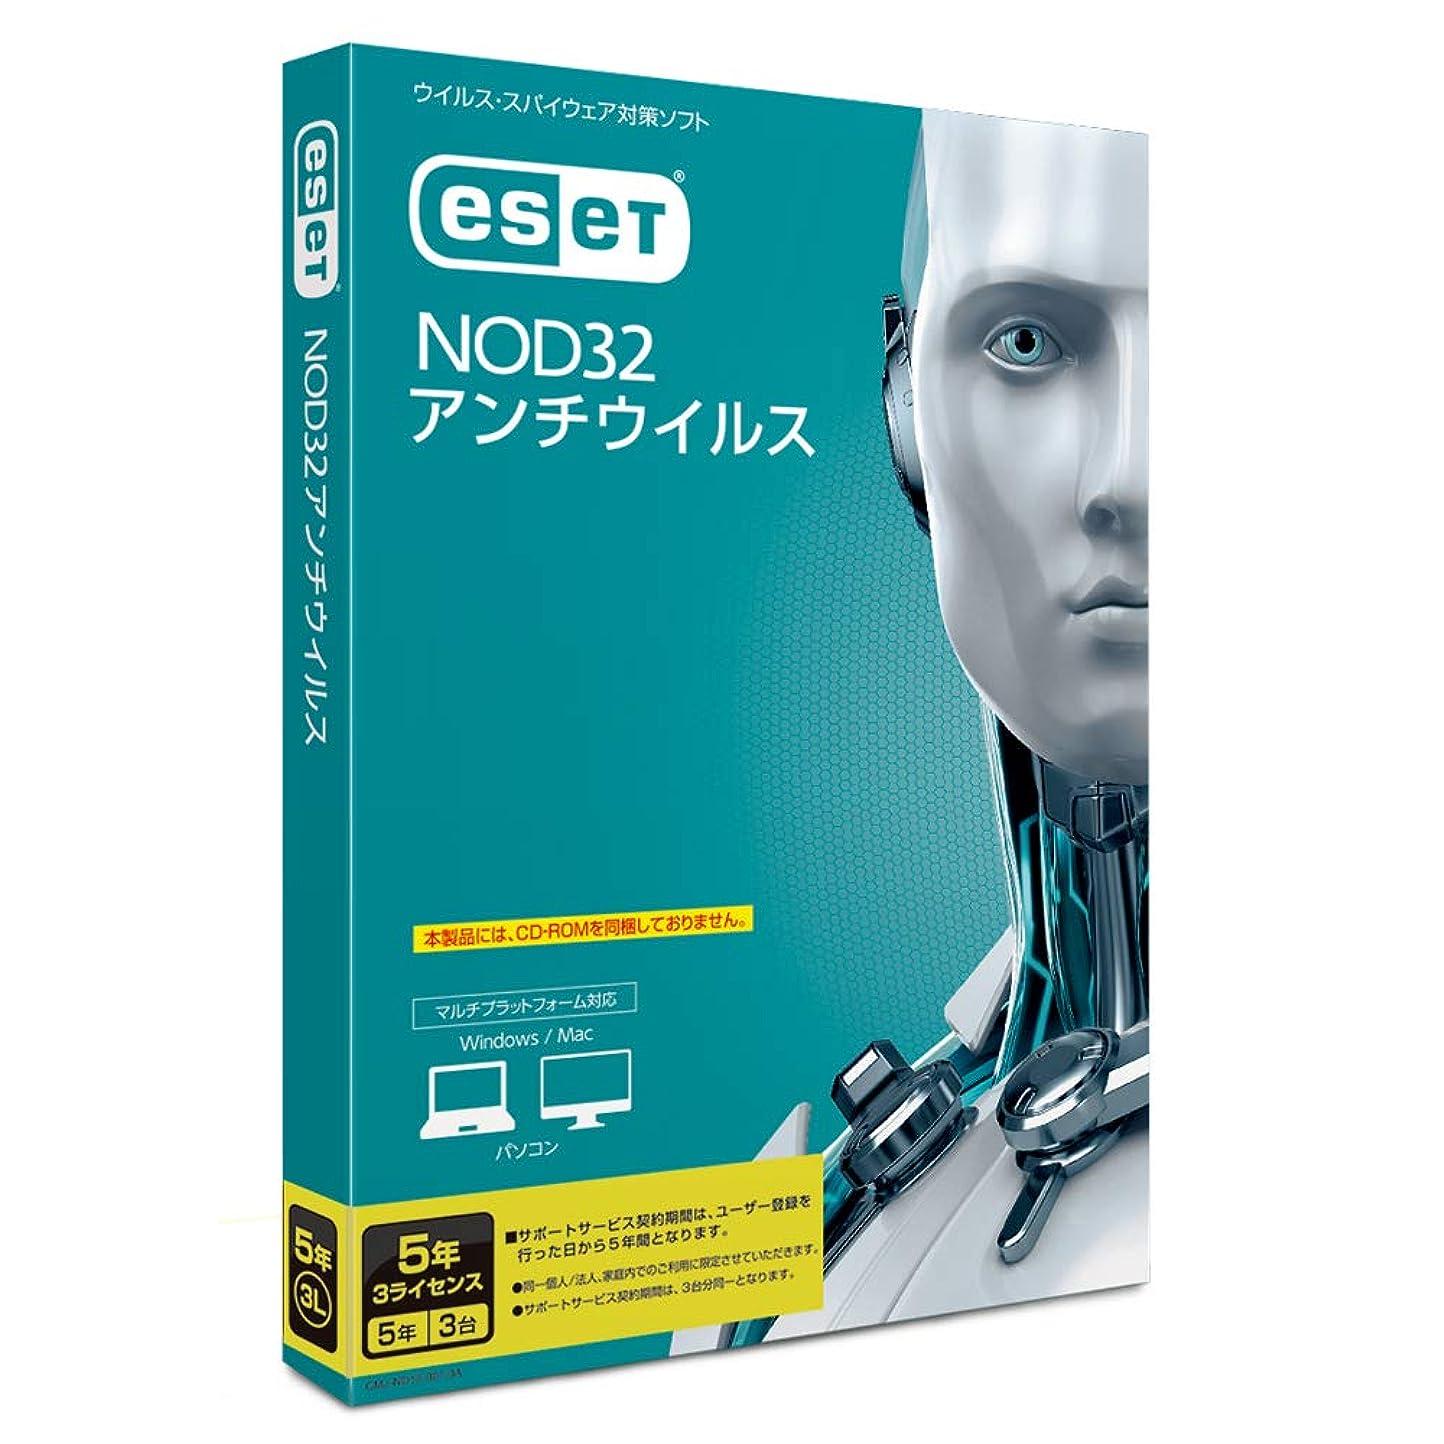 取り扱い水没倍率ESET NOD32アンチウイルス(最新)|3台5年版|Win/Mac対応